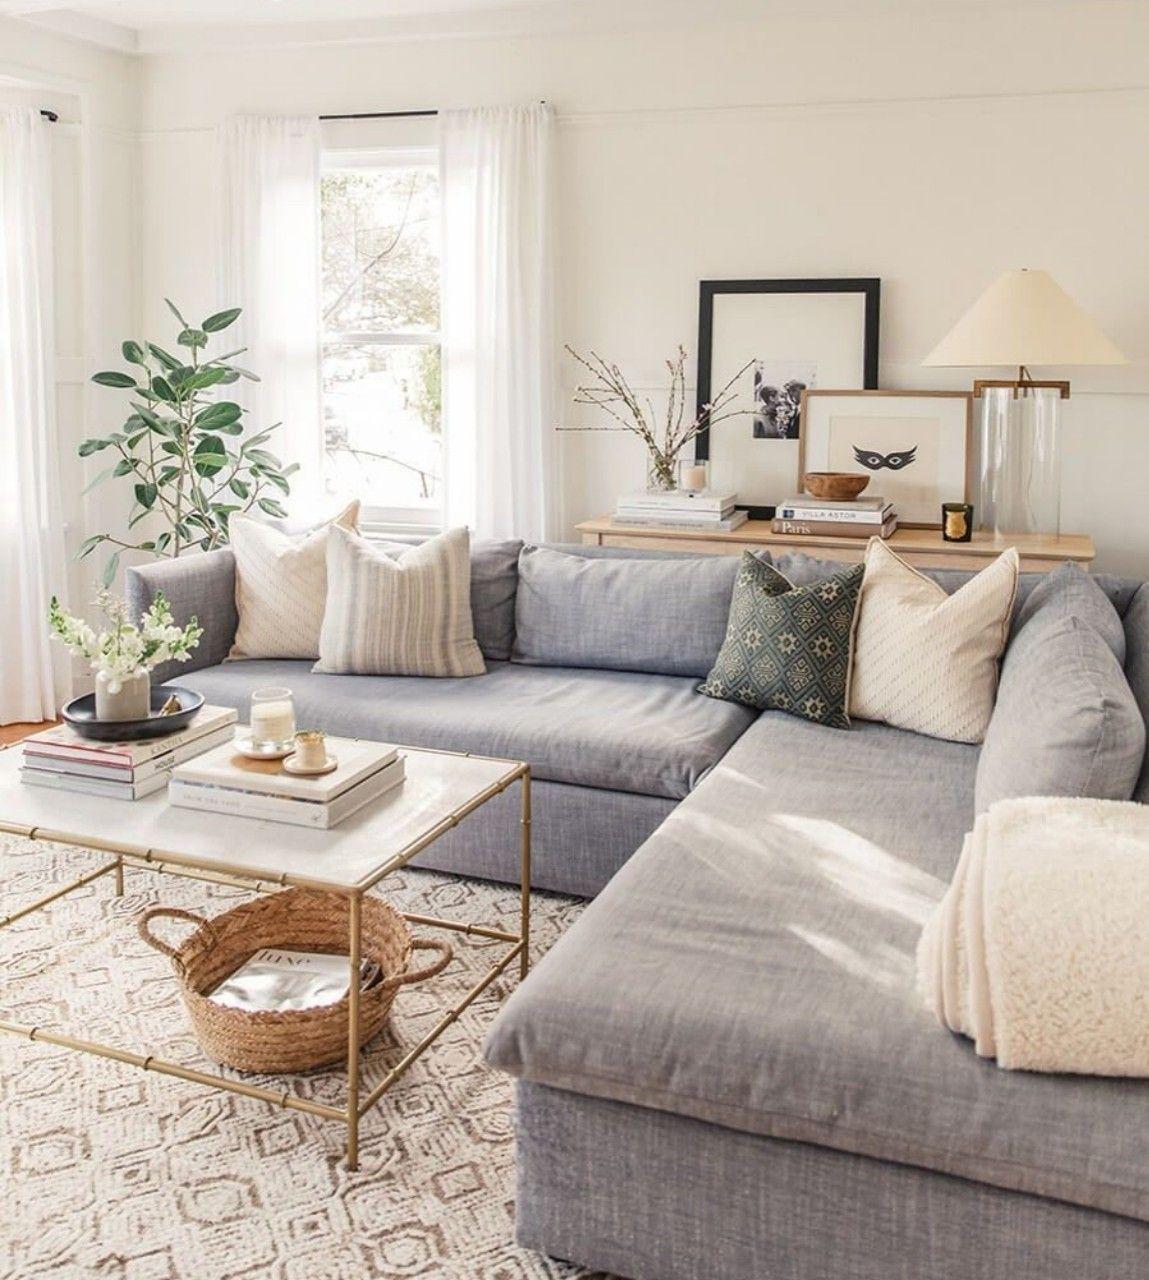 interior design jobs #portfolio of interior design #interior